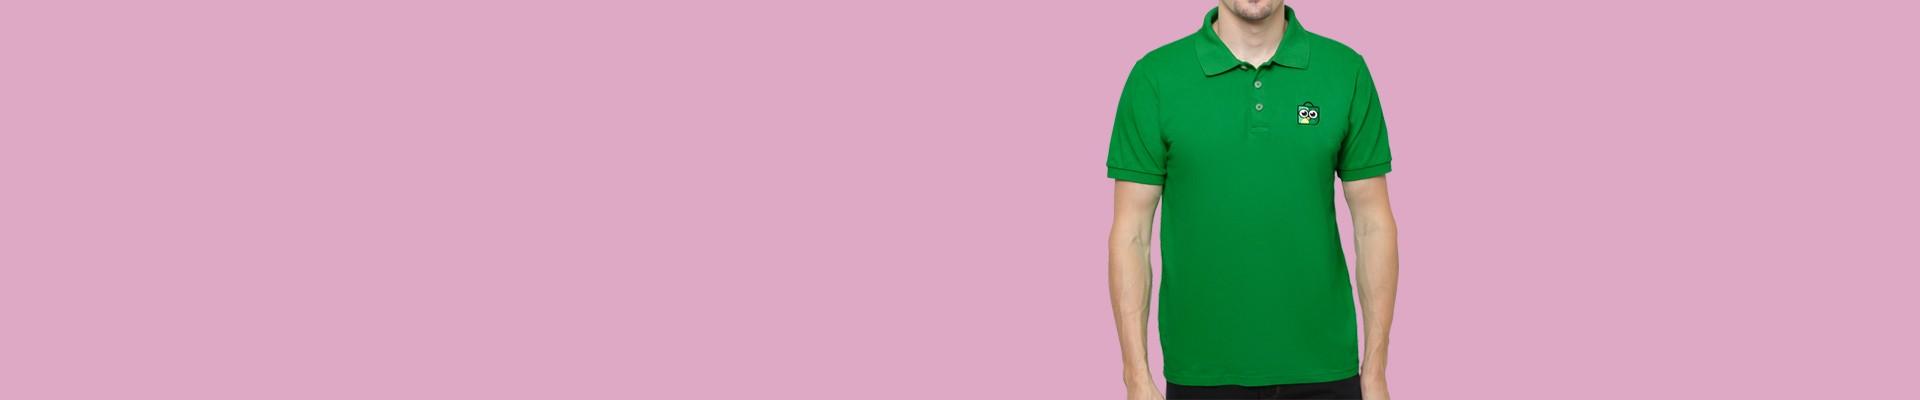 Jual Kaos Polo Pria - Polo Shirt Pria Harga Bersaing